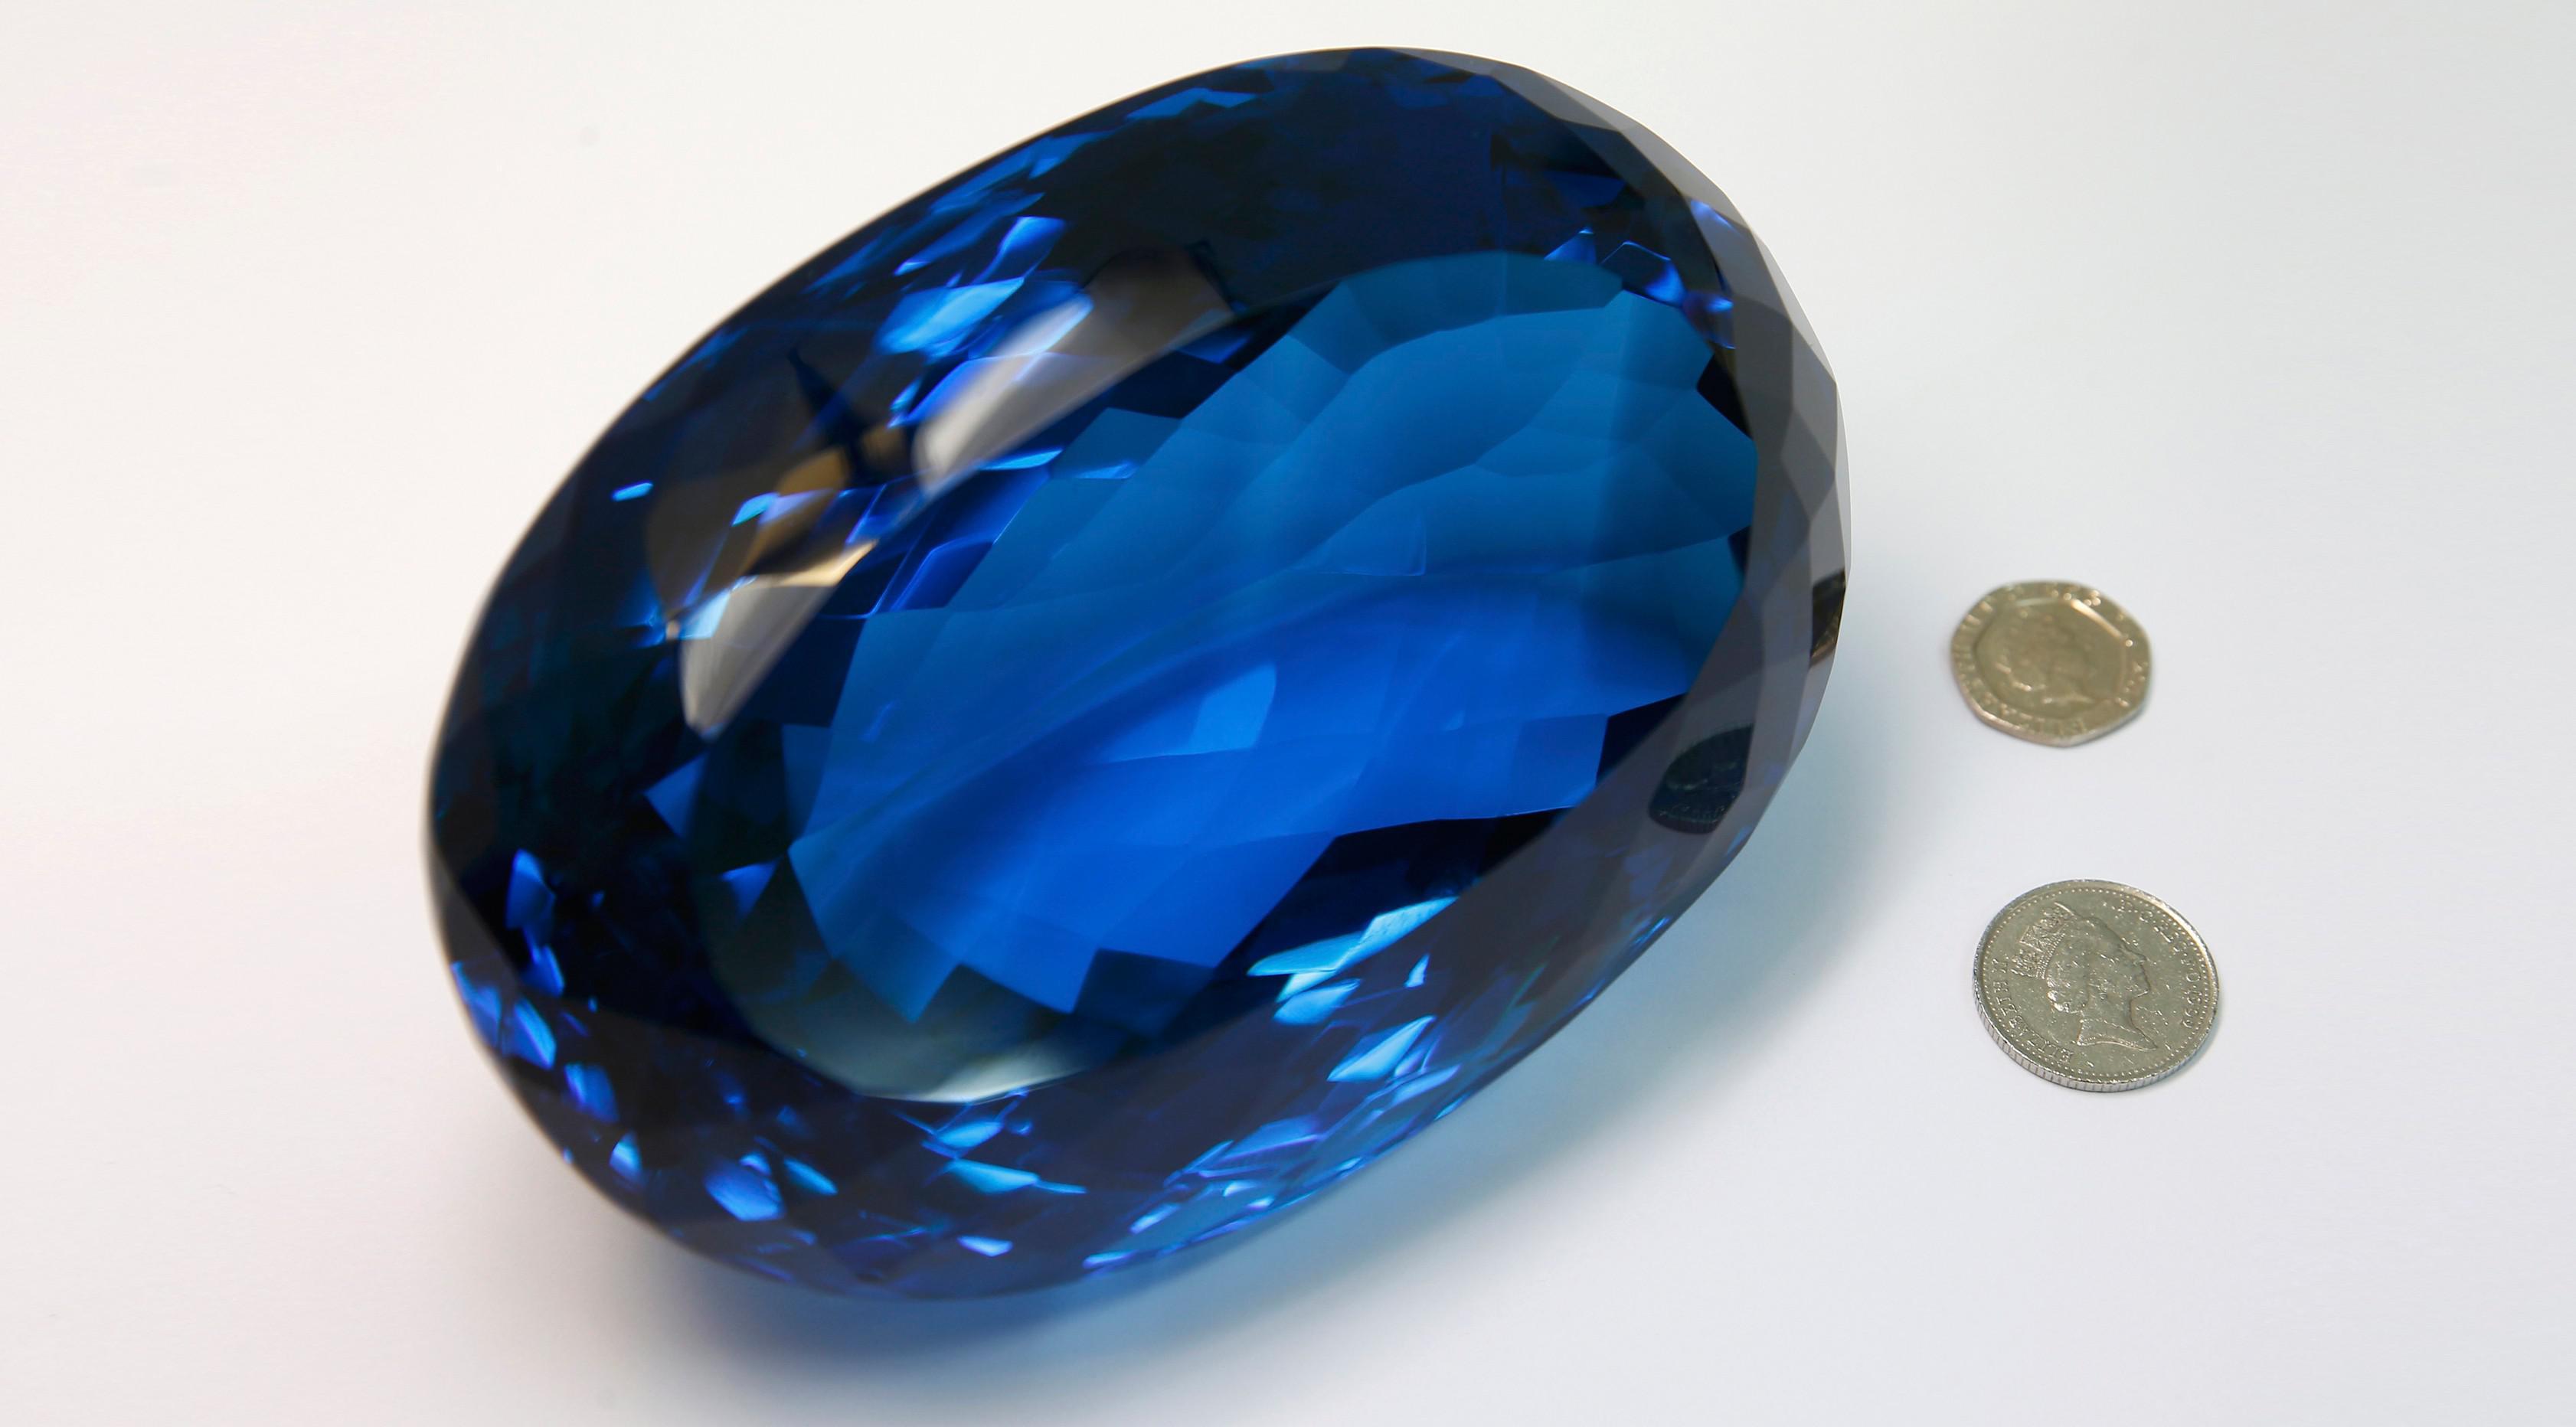 Batu permata jenis topaz berwarna biru disandingkan dengan uang koin di Museum Sejarah Alam London, Inggris, Selasa (27/9). Batu milik Maurice Ostro ini menjadi batu topaz terbesar di dunia. (REUTERS / Peter Nicholls)